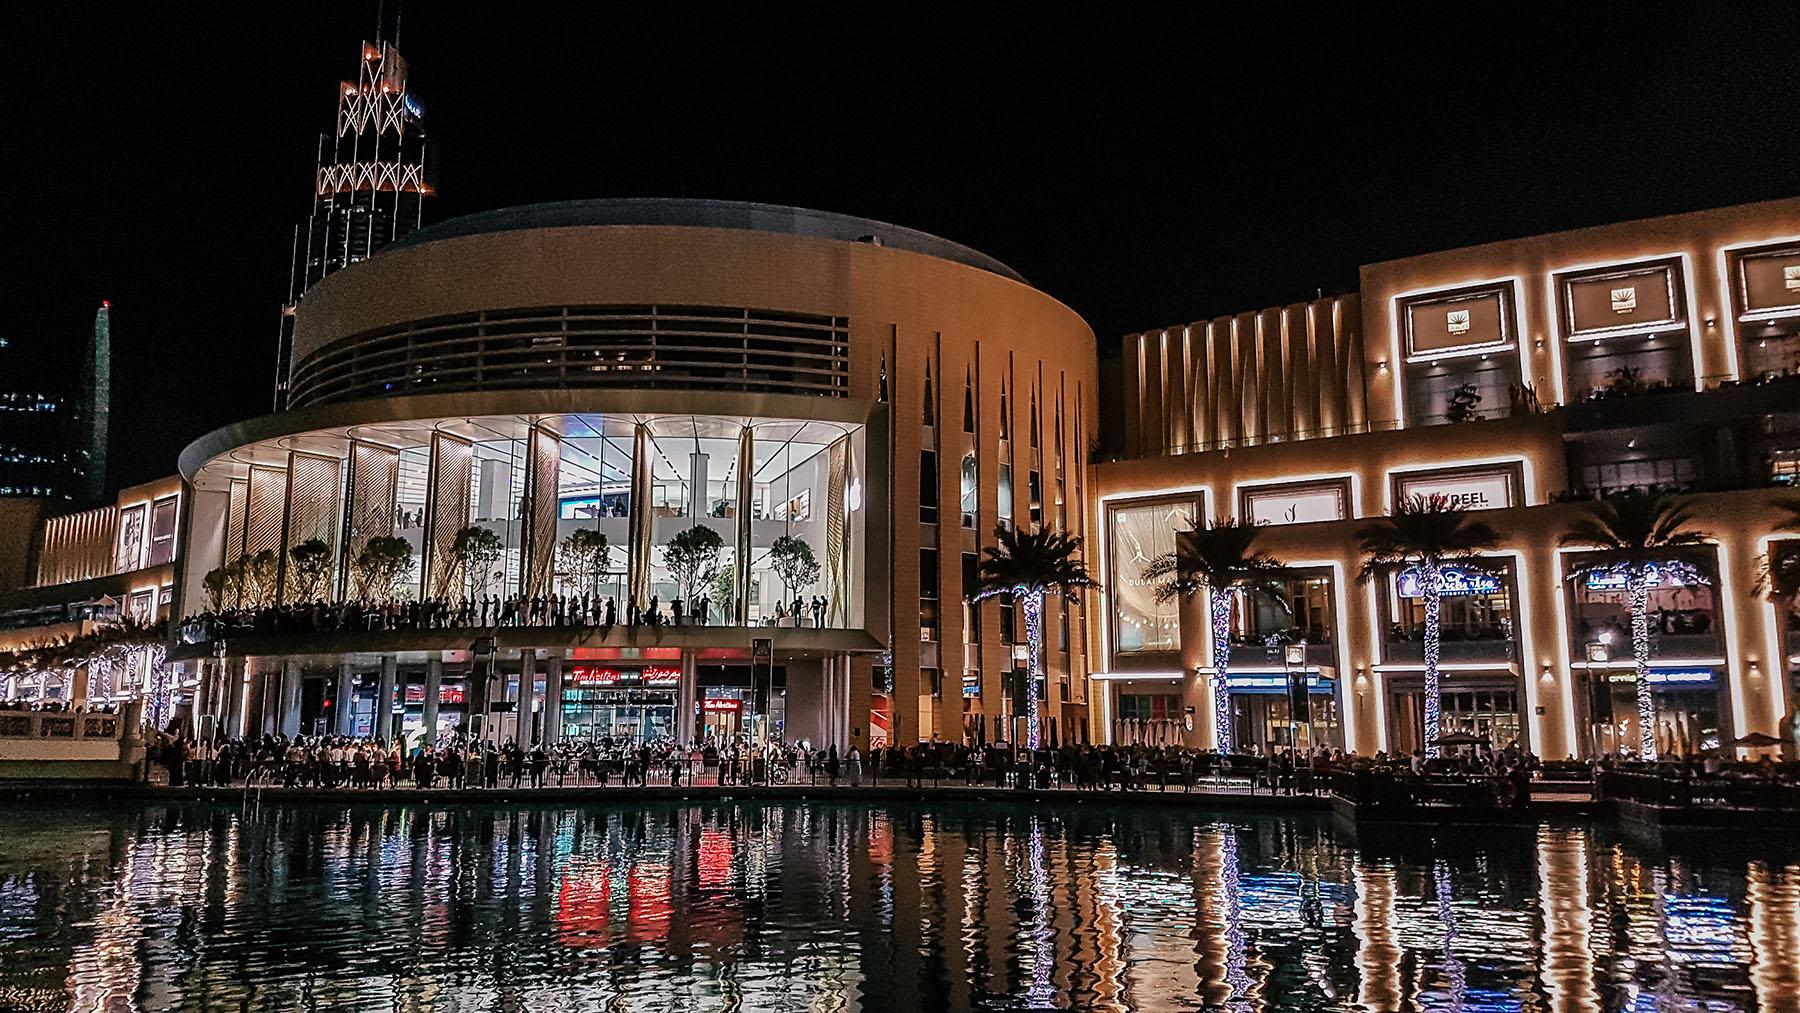 Orient Kreuzfahrt Dubai Mall bei Nacht